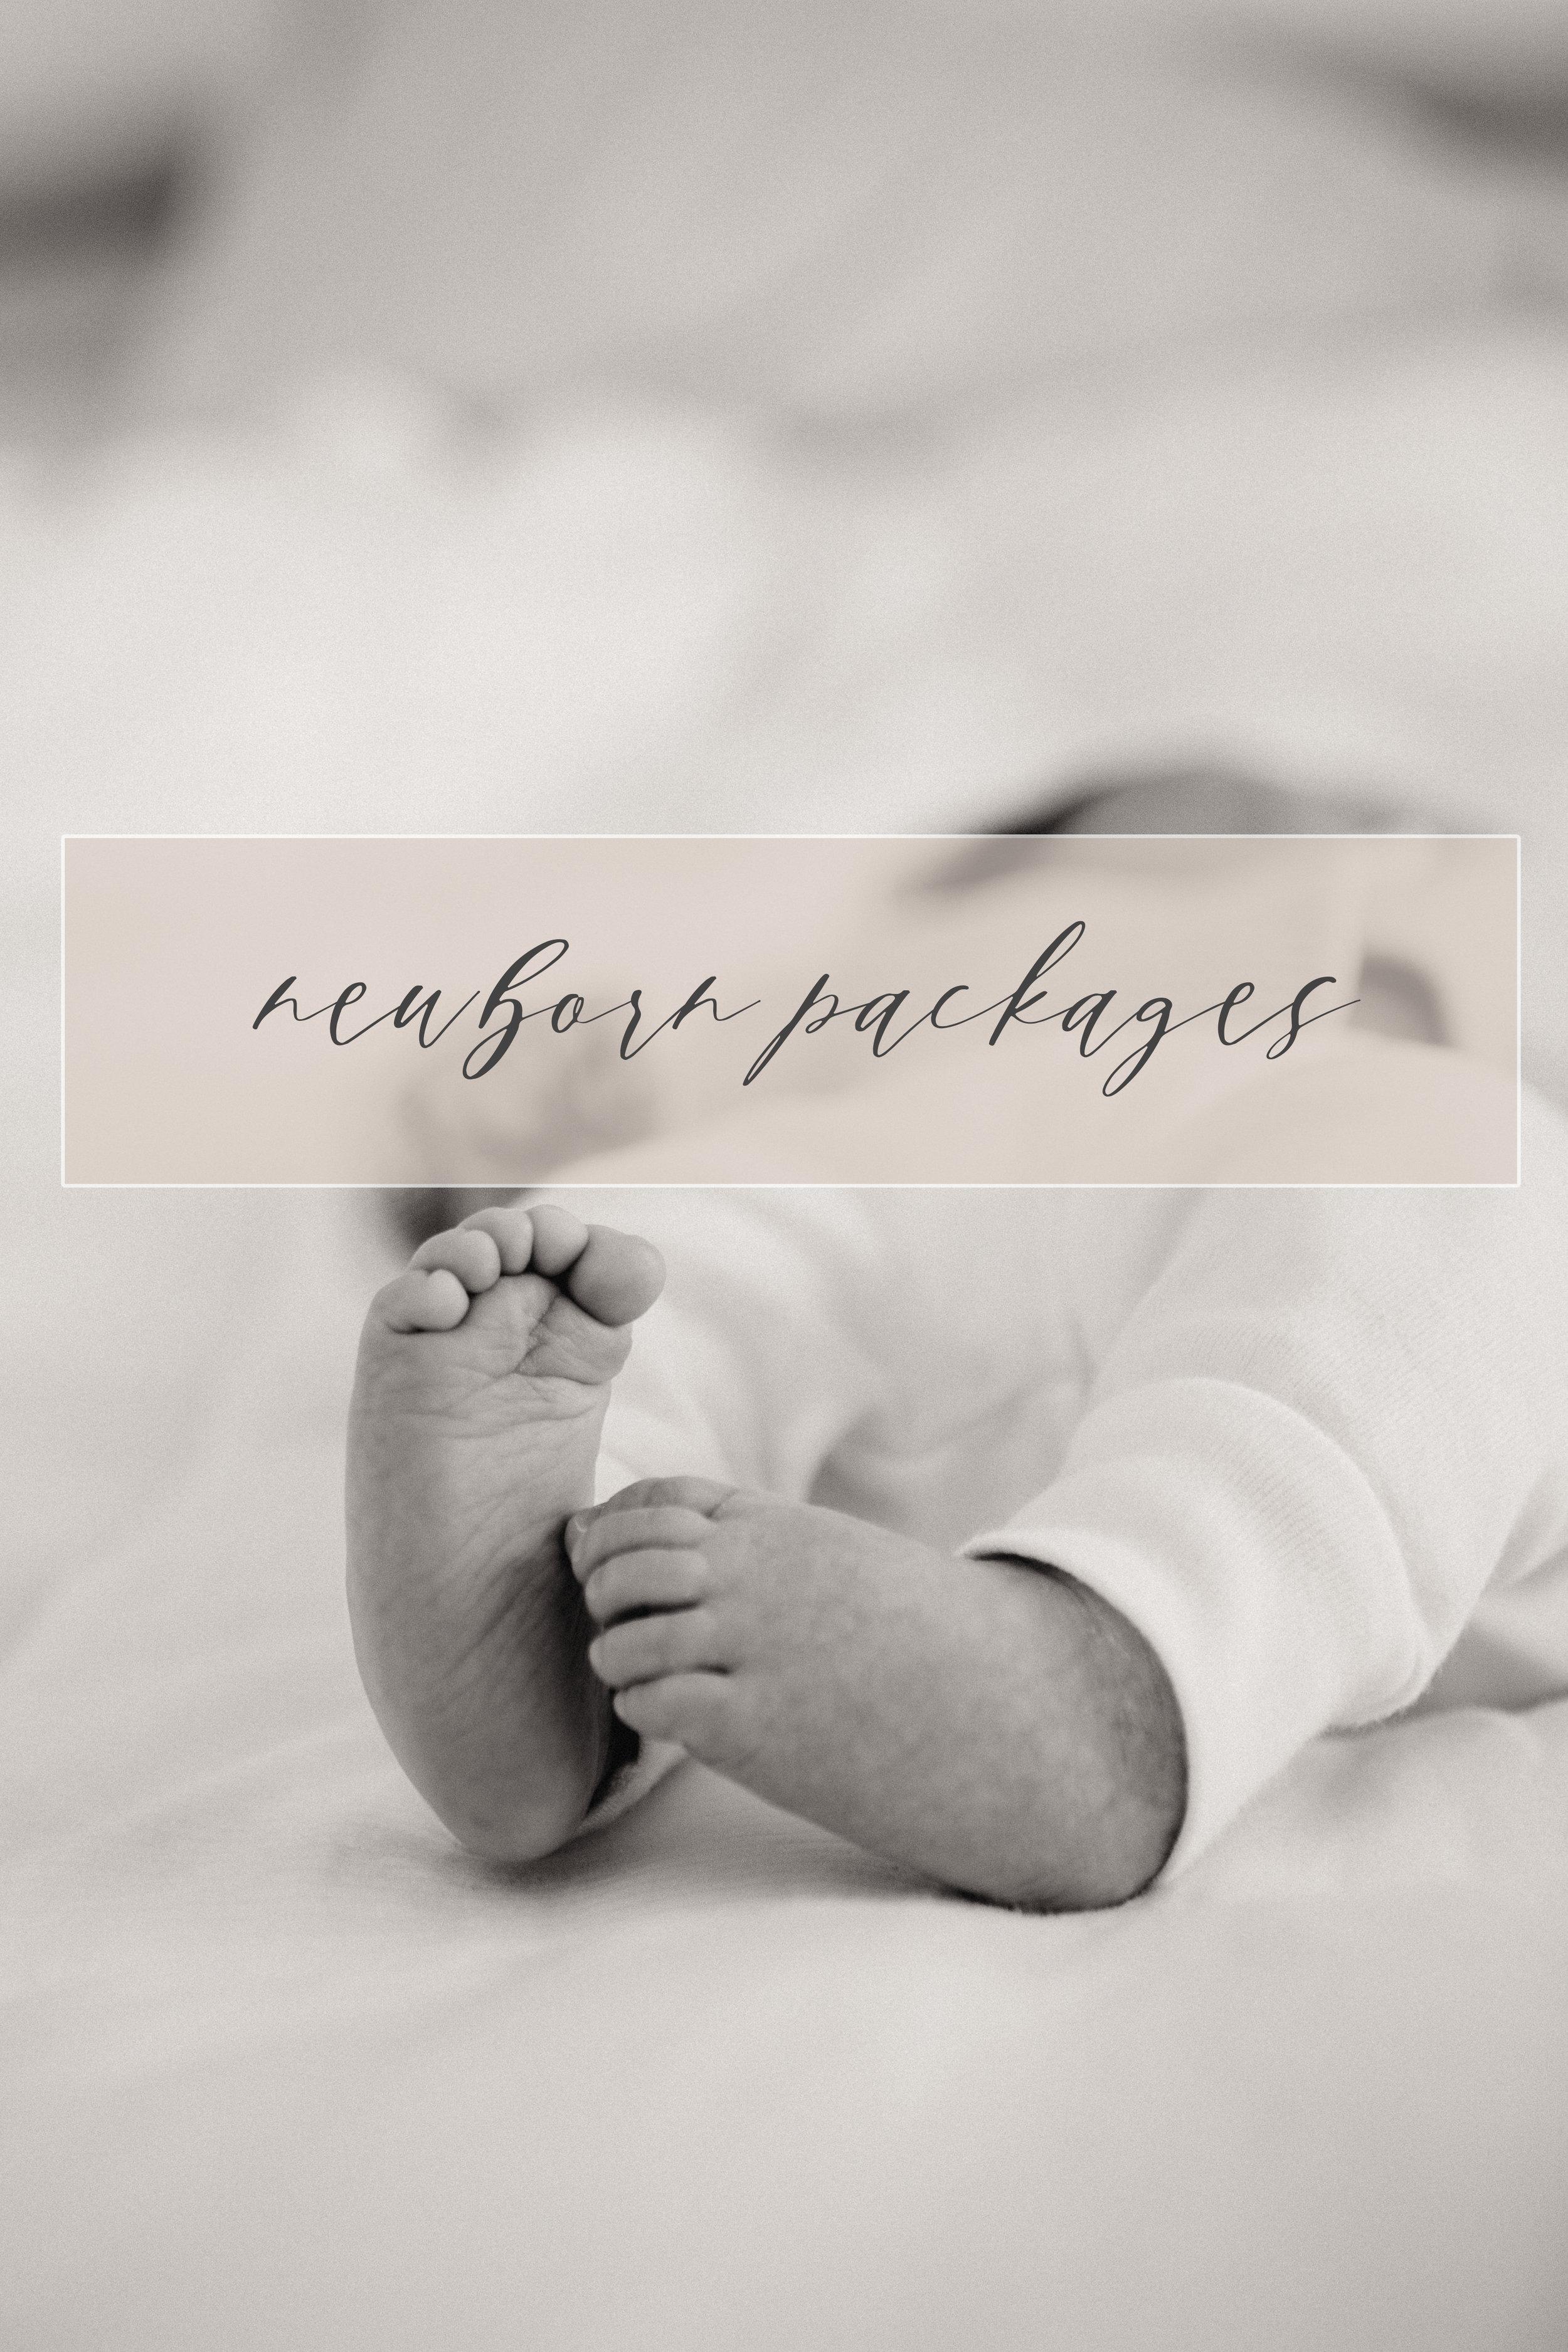 newbornpackages.jpg